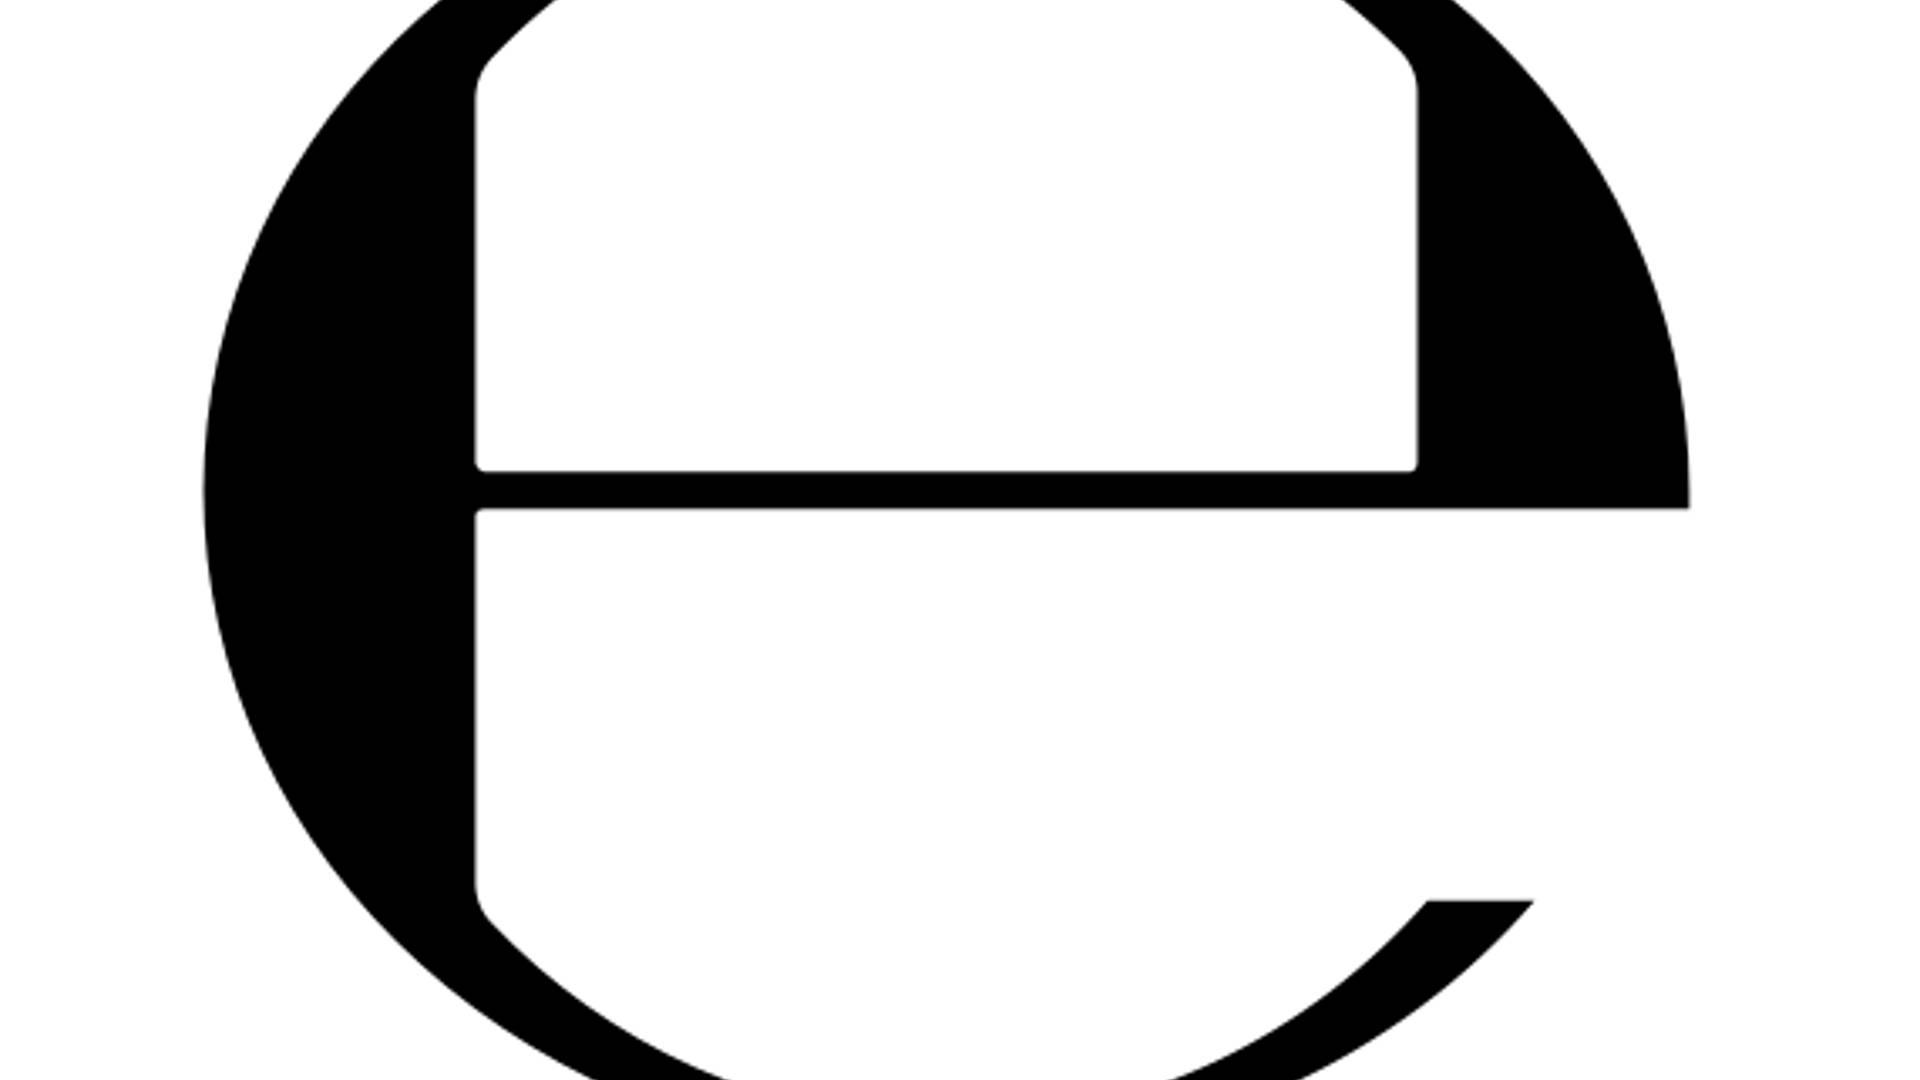 What's that little 'e' symbol? | Dieline